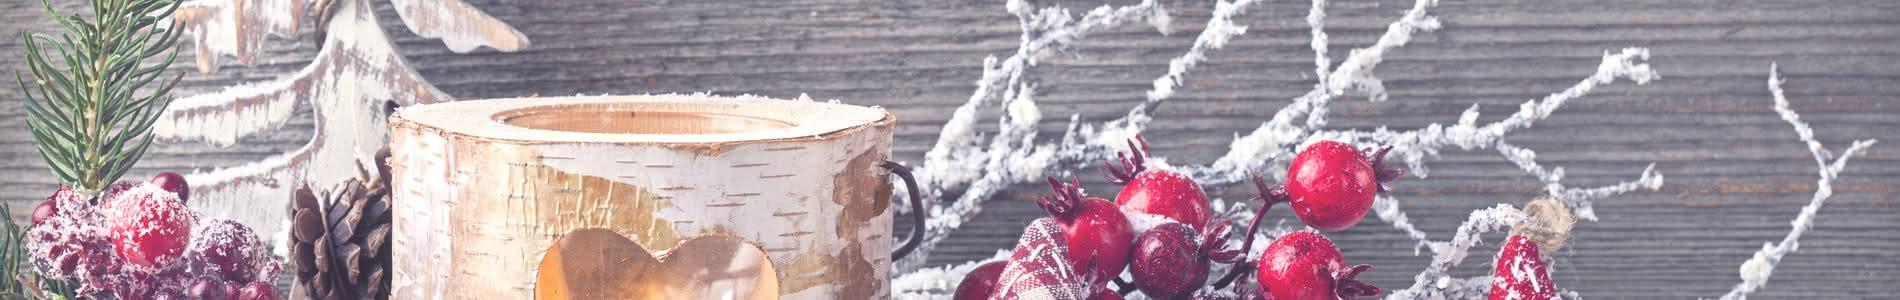 Plantas, costumbres y decoración navideña en el mundo